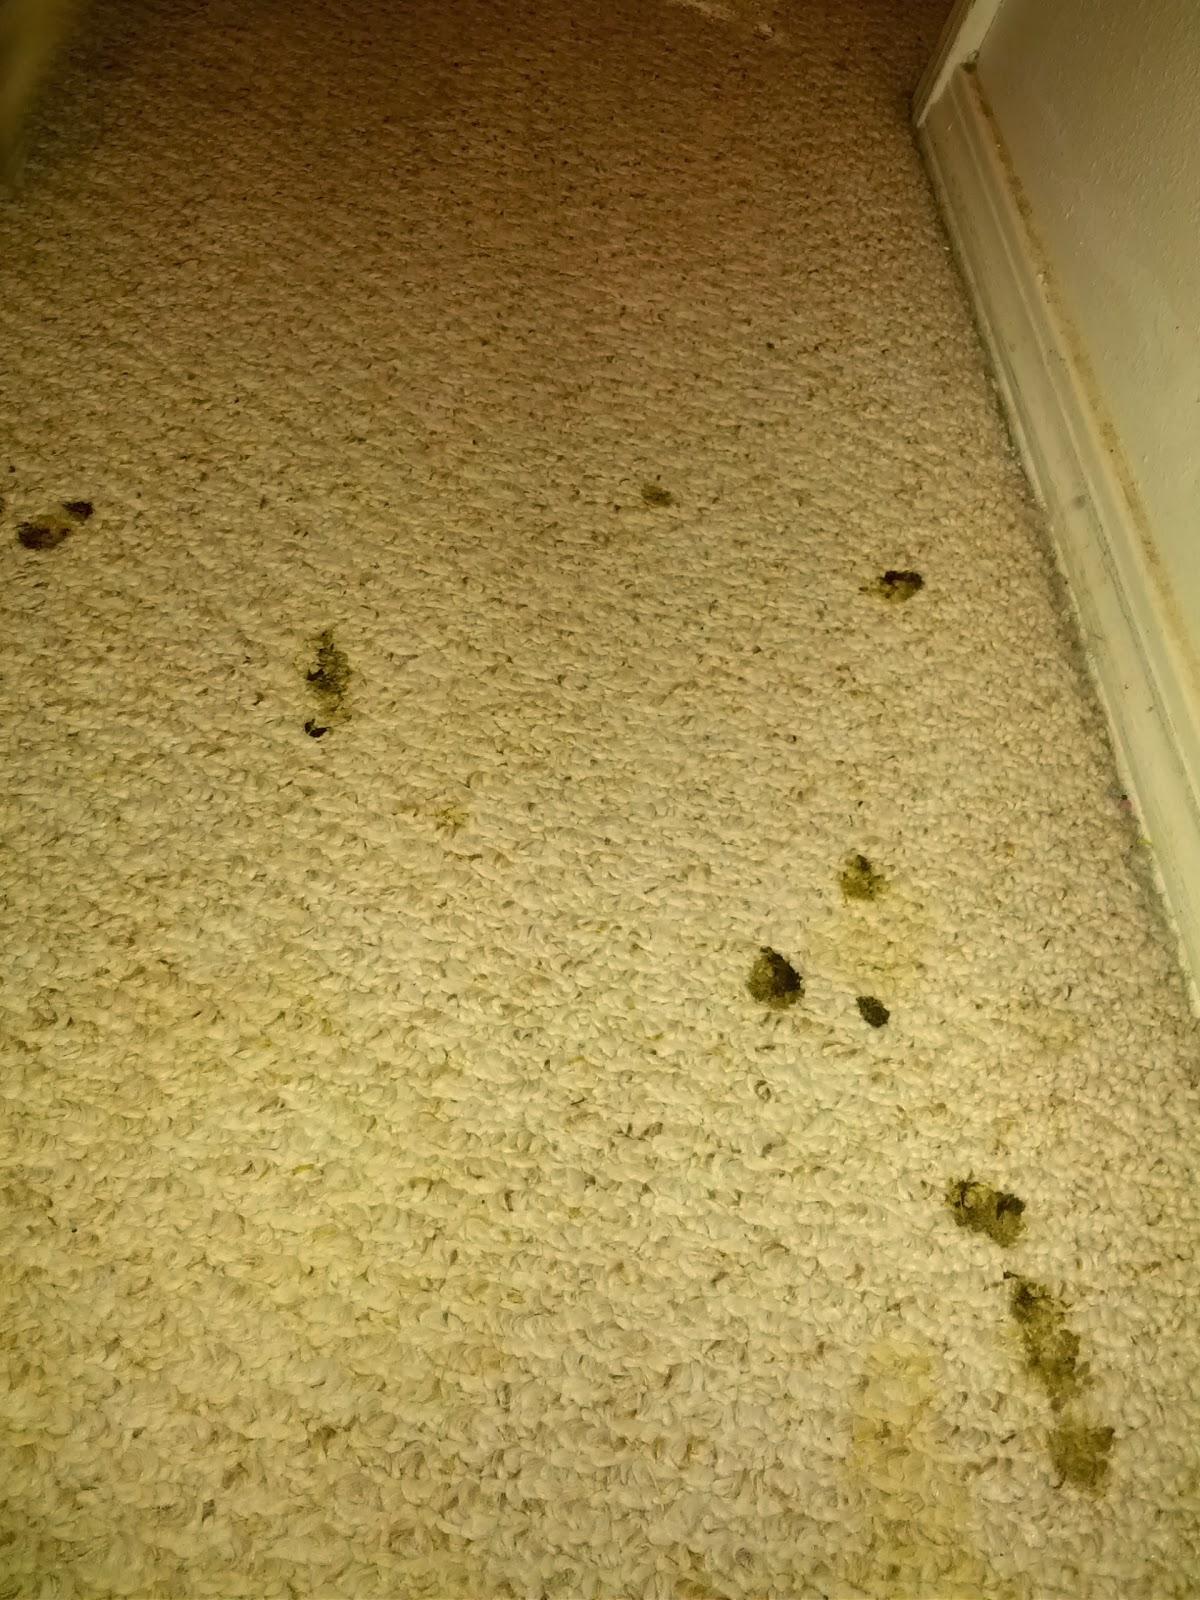 Dog Diarrhea On Carpet Carpet Vidalondon